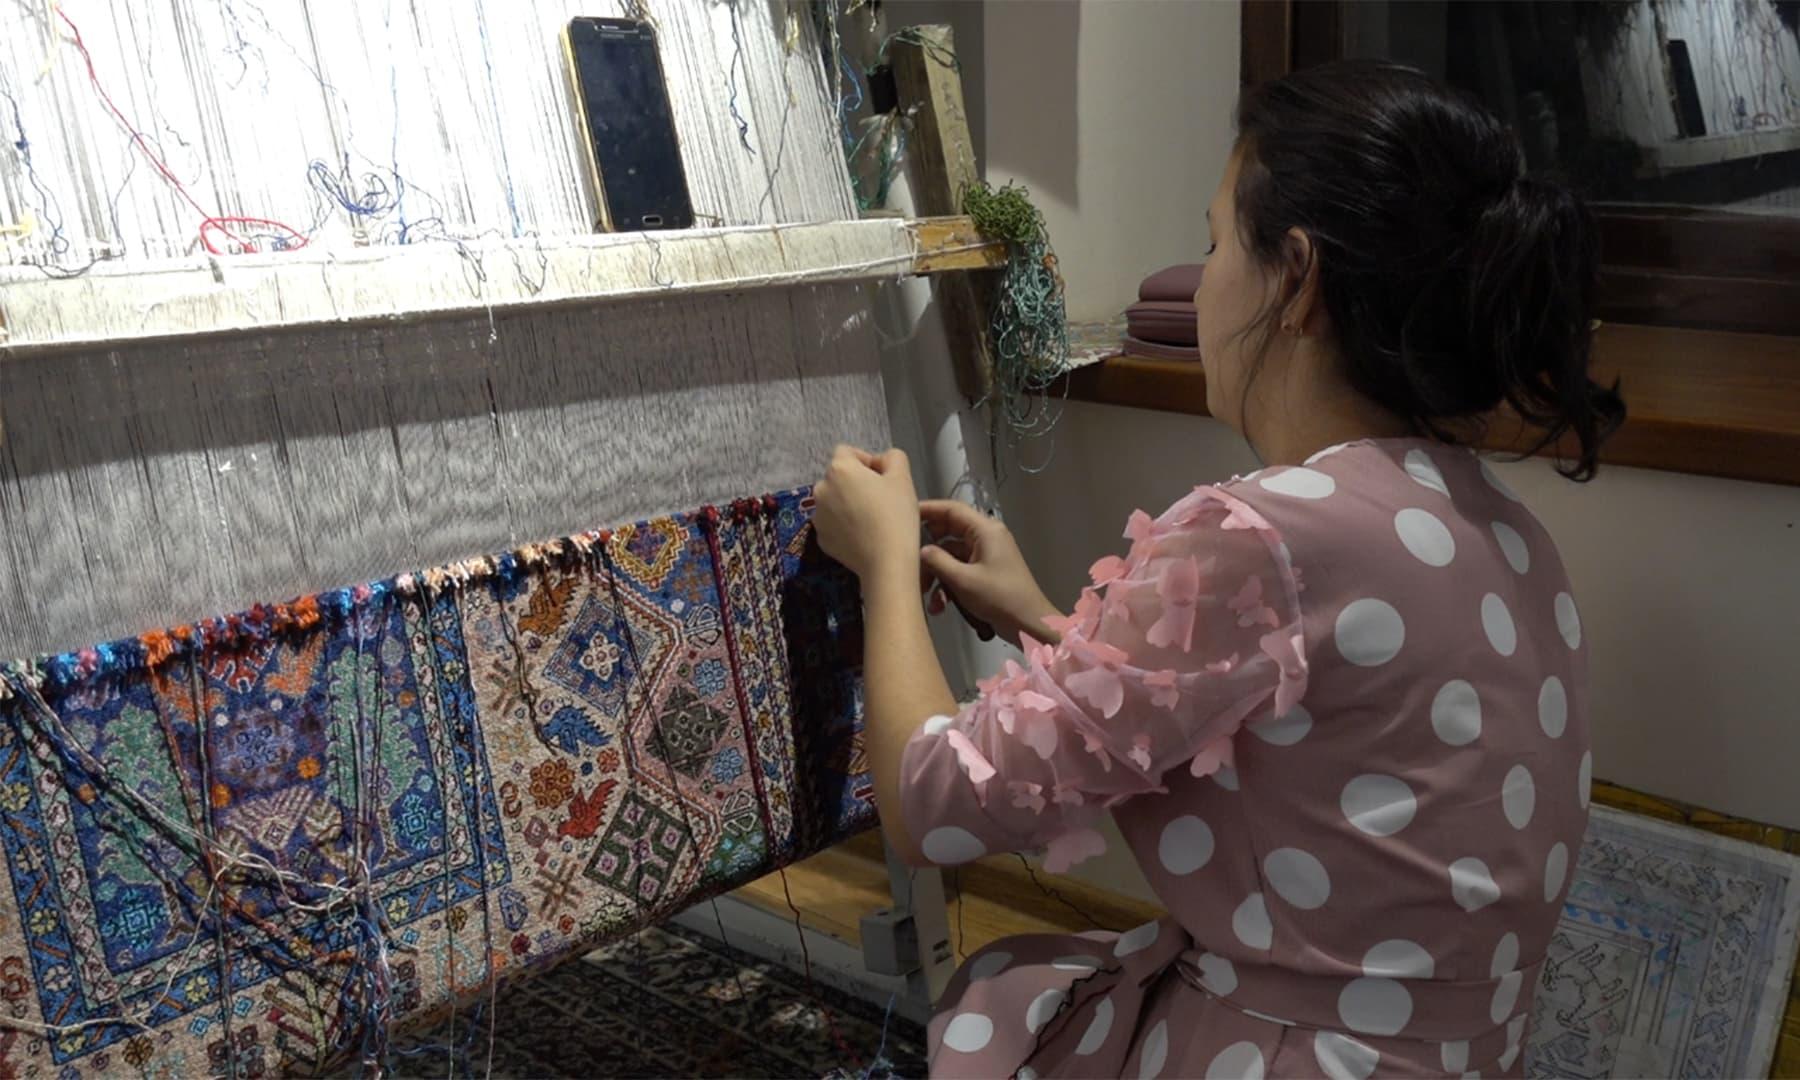 آج بھی بخارا کی اس فیکٹری میں خواتین اپنے اس ہنر کو استعمال کرتی نظر آتی ہیں